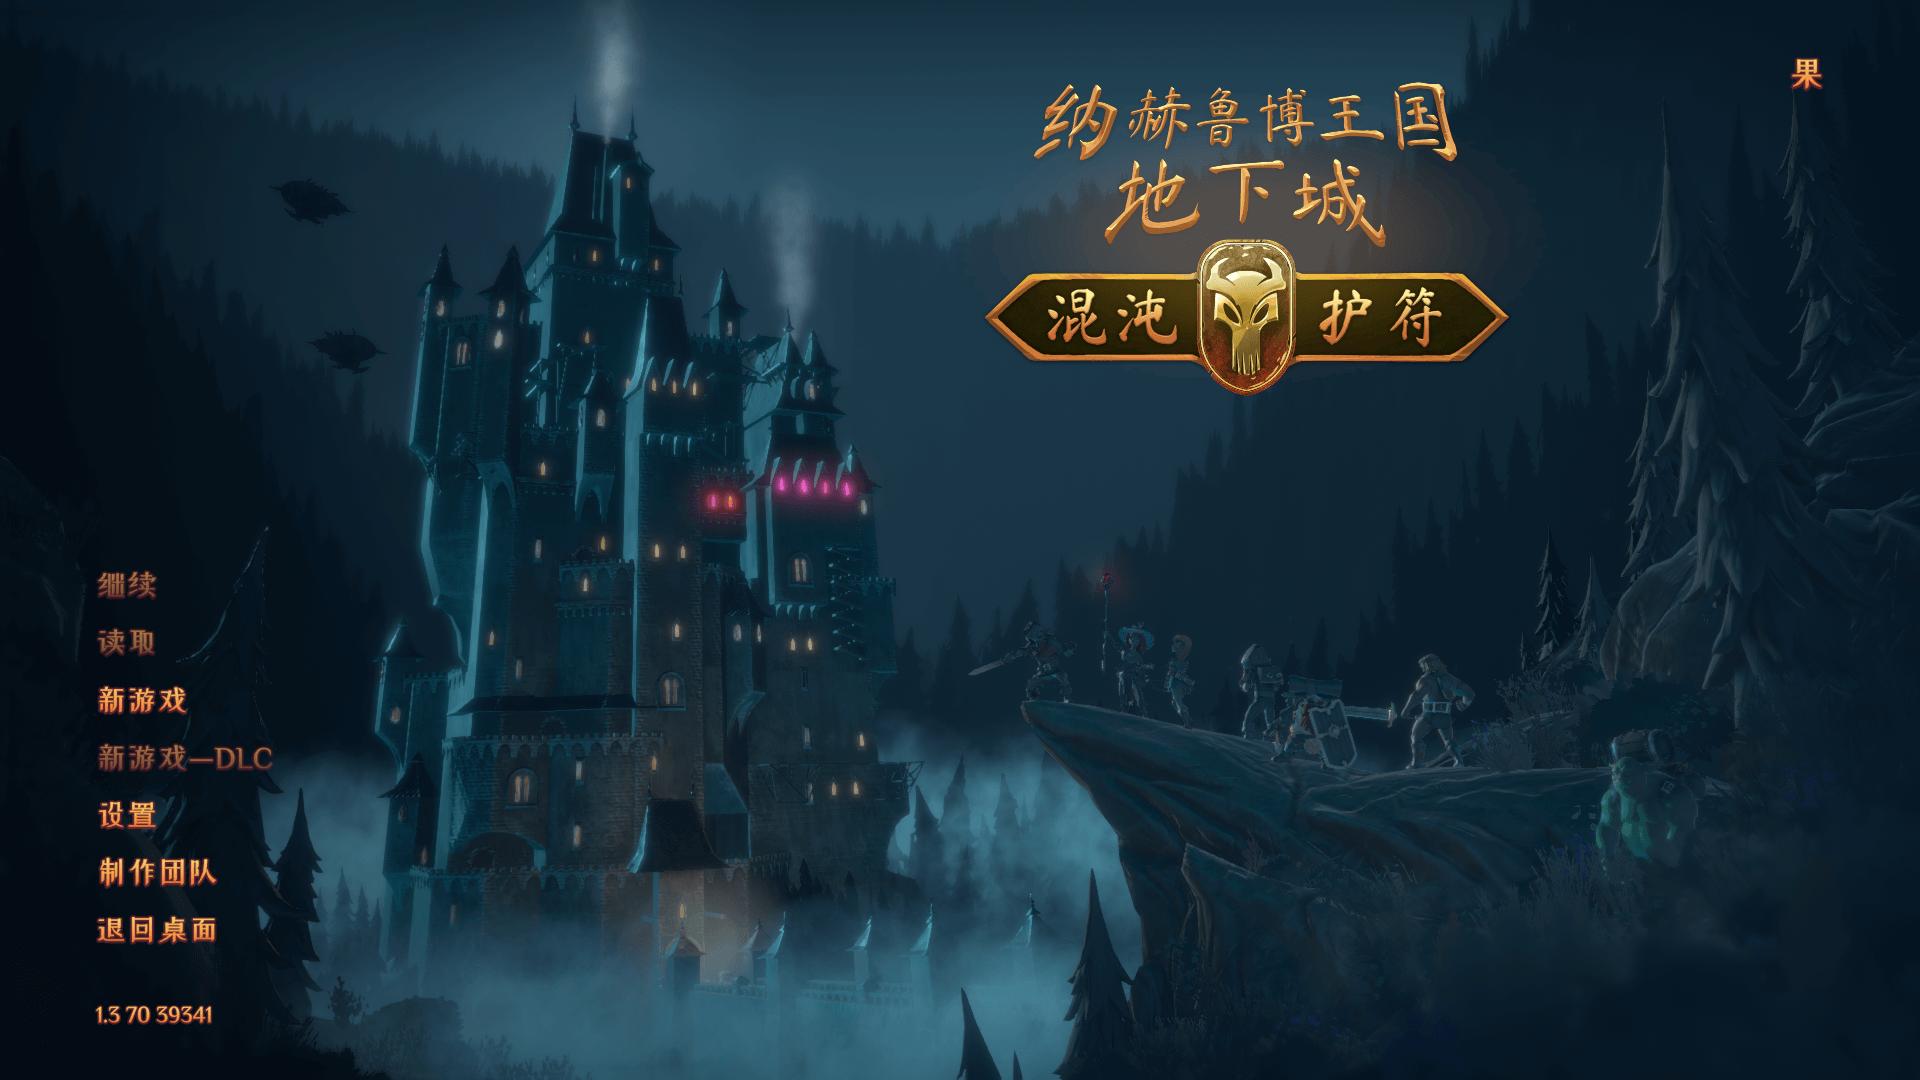 《纳赫鲁博王国地下城:混沌护符》评测:相声式冒险